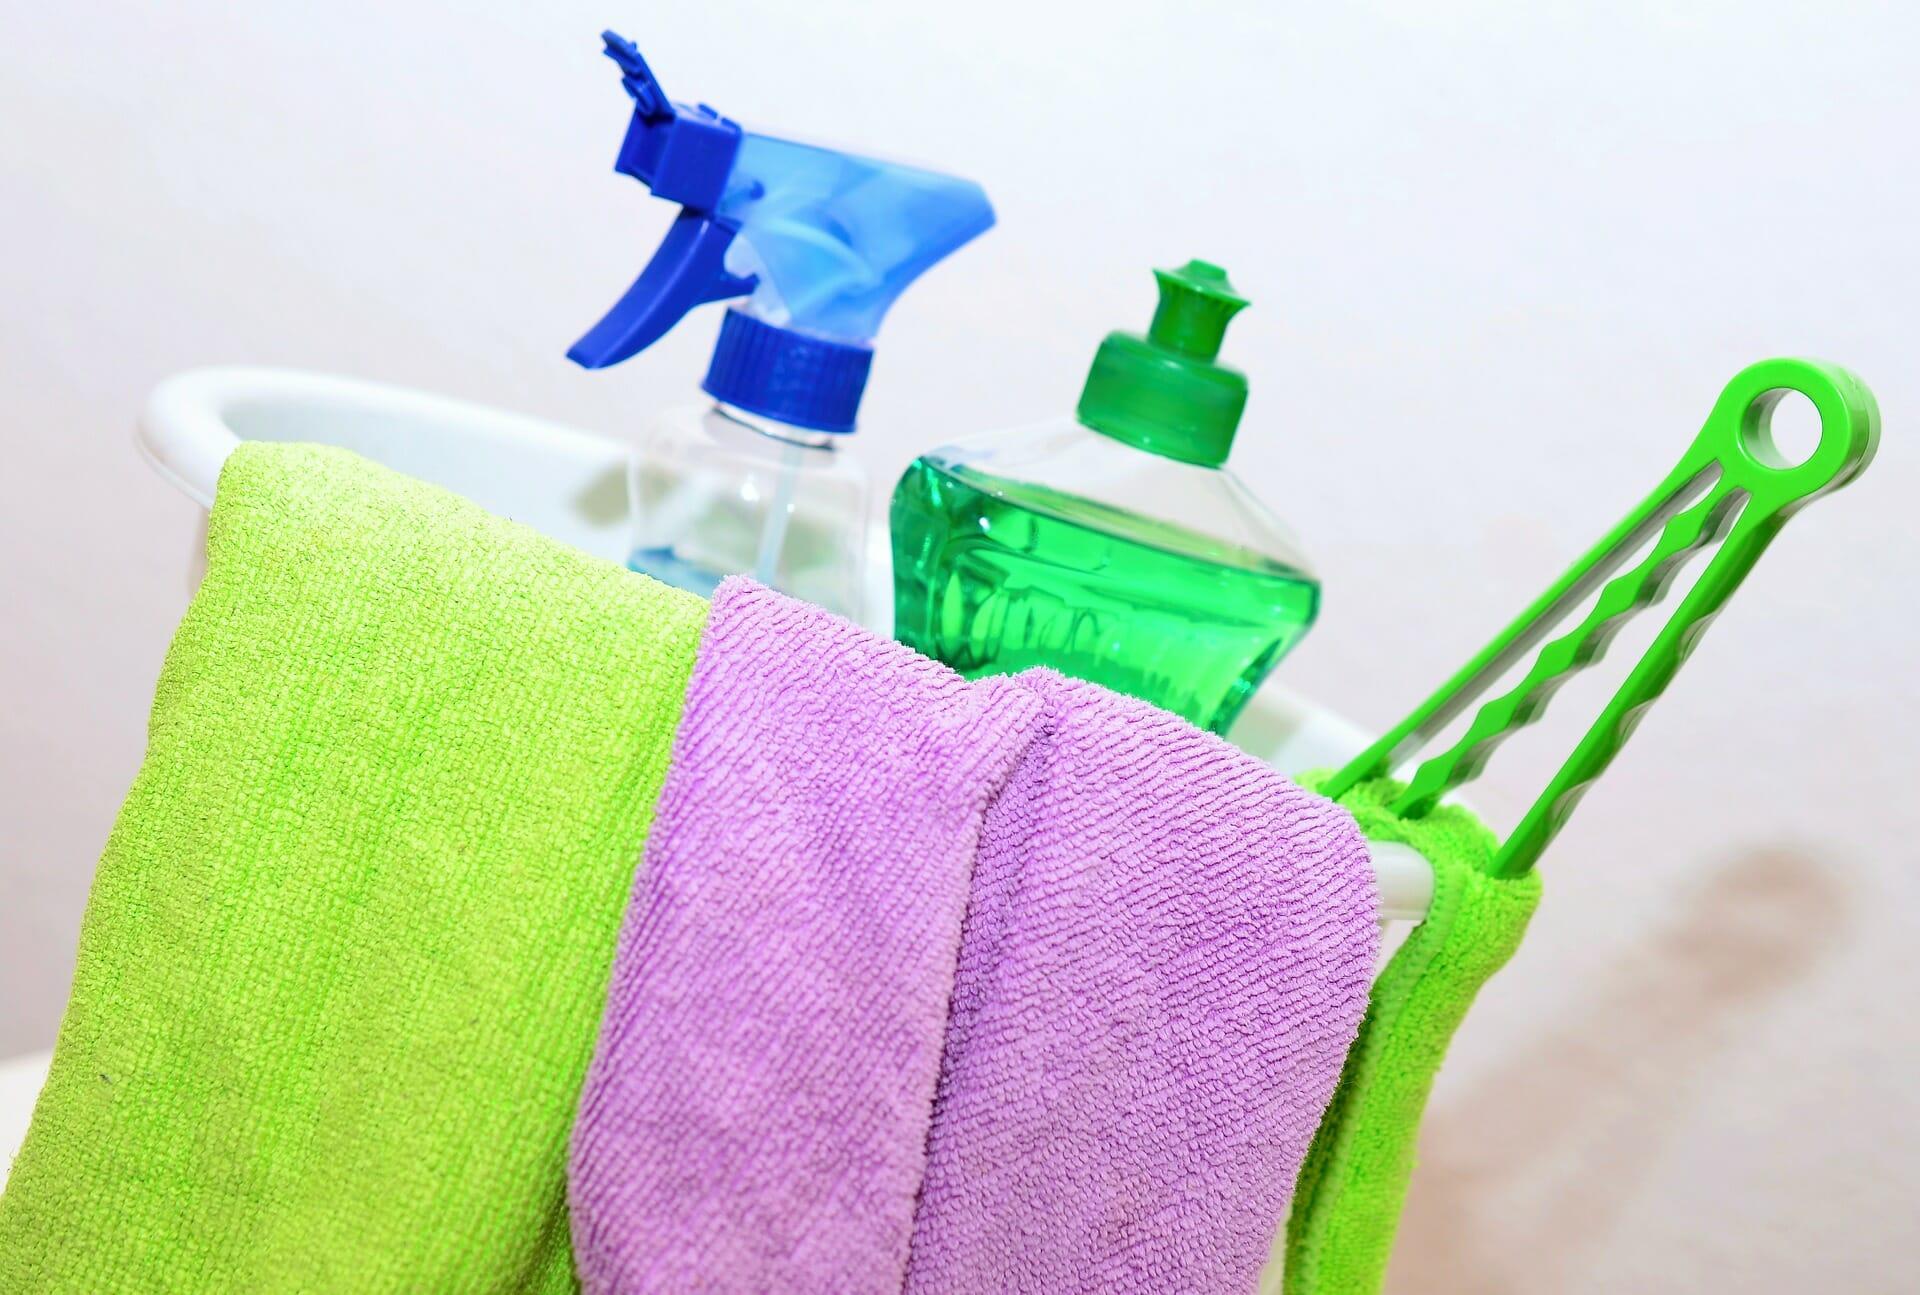 clean 571679 1920